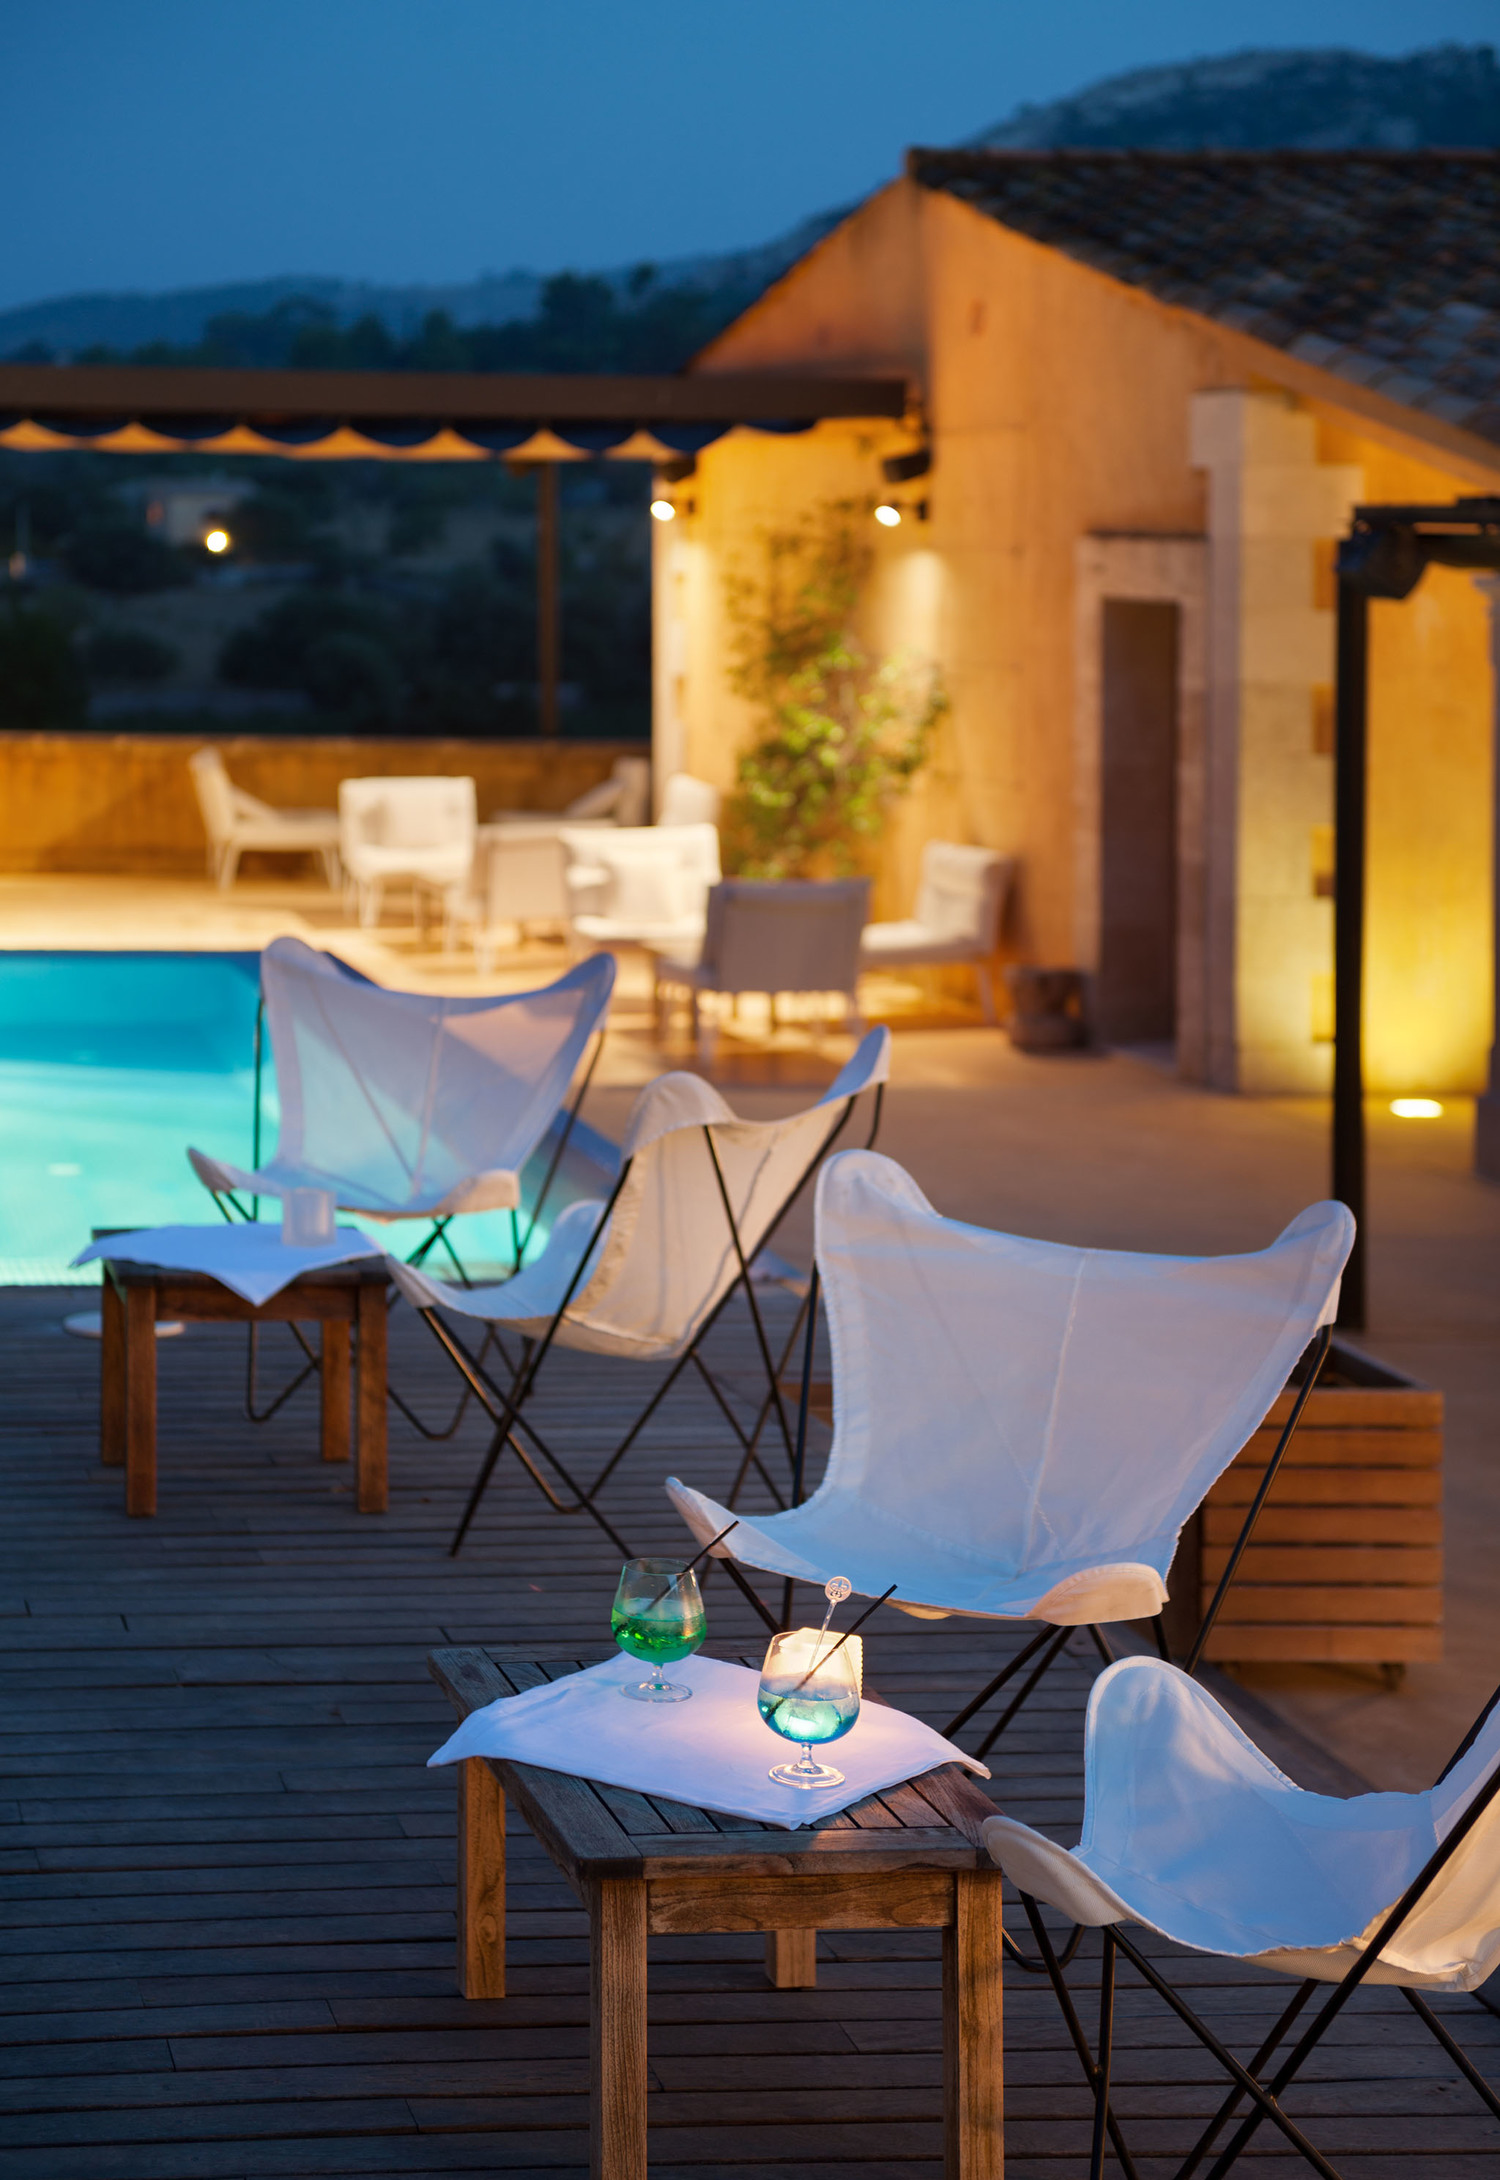 hotel Son brull en mallorca arquitectura mediterránea diariodesign